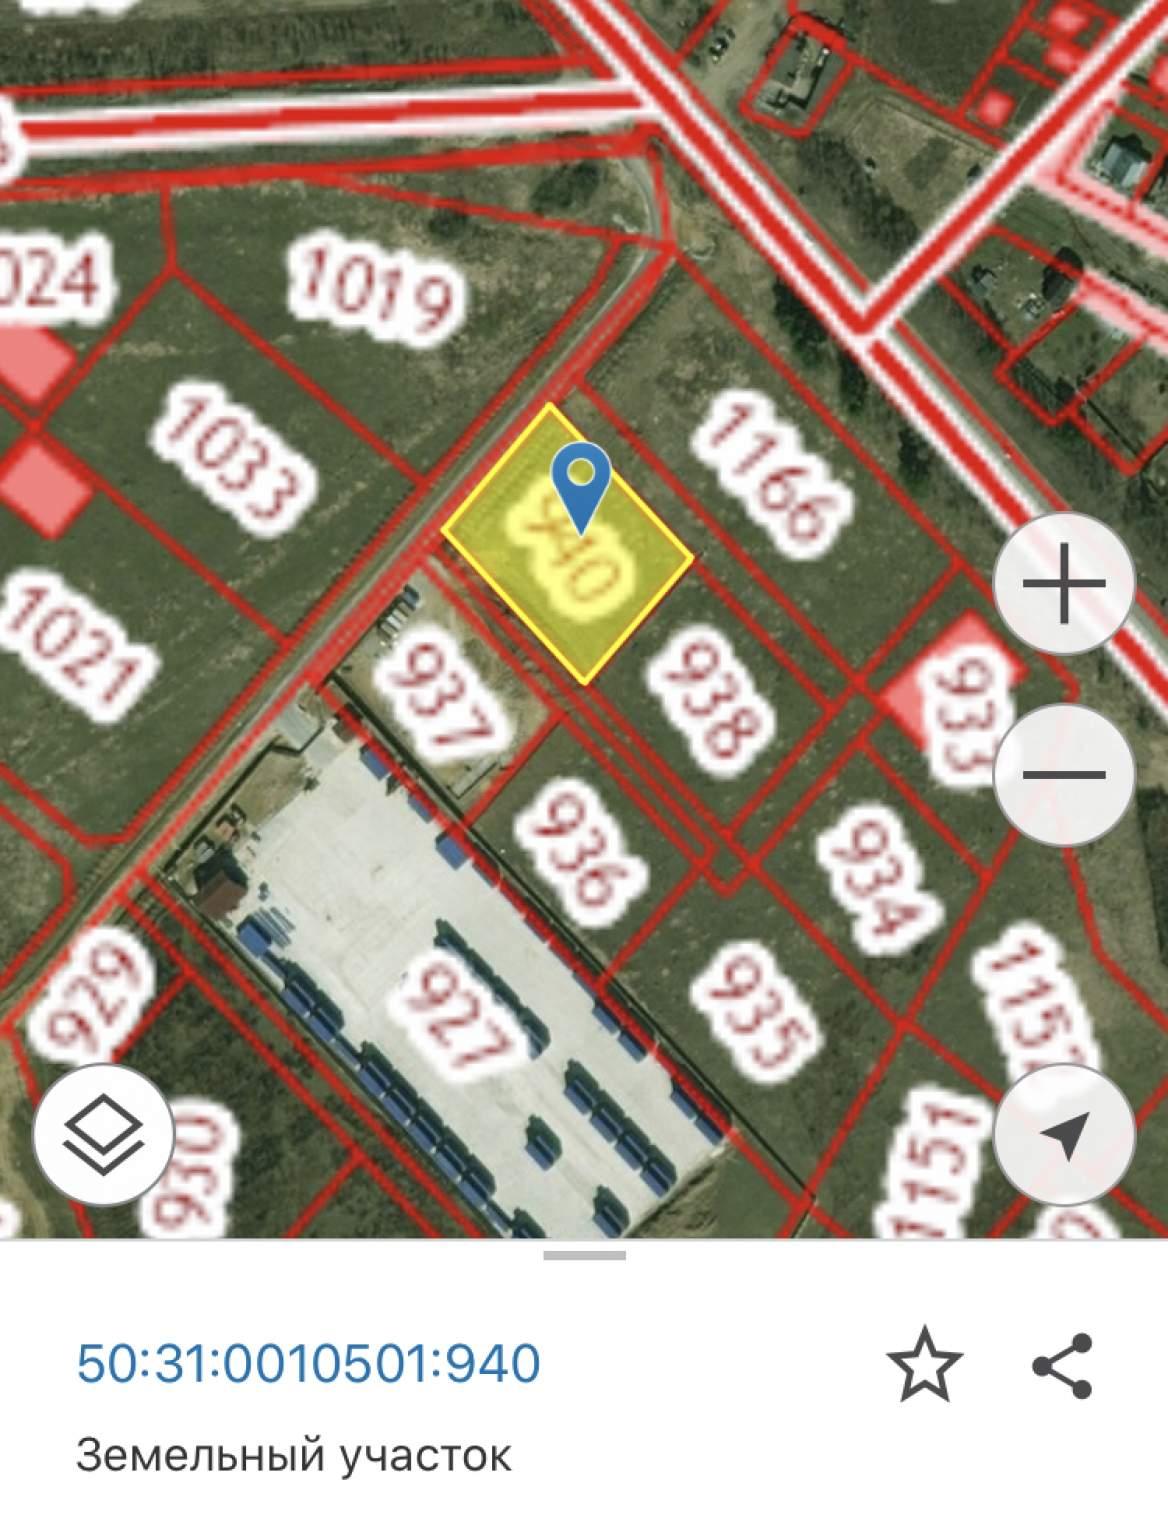 Производственное Помещение на продажу по адресу Россия, Московская обл, Чехов, Гагарина улица, 28